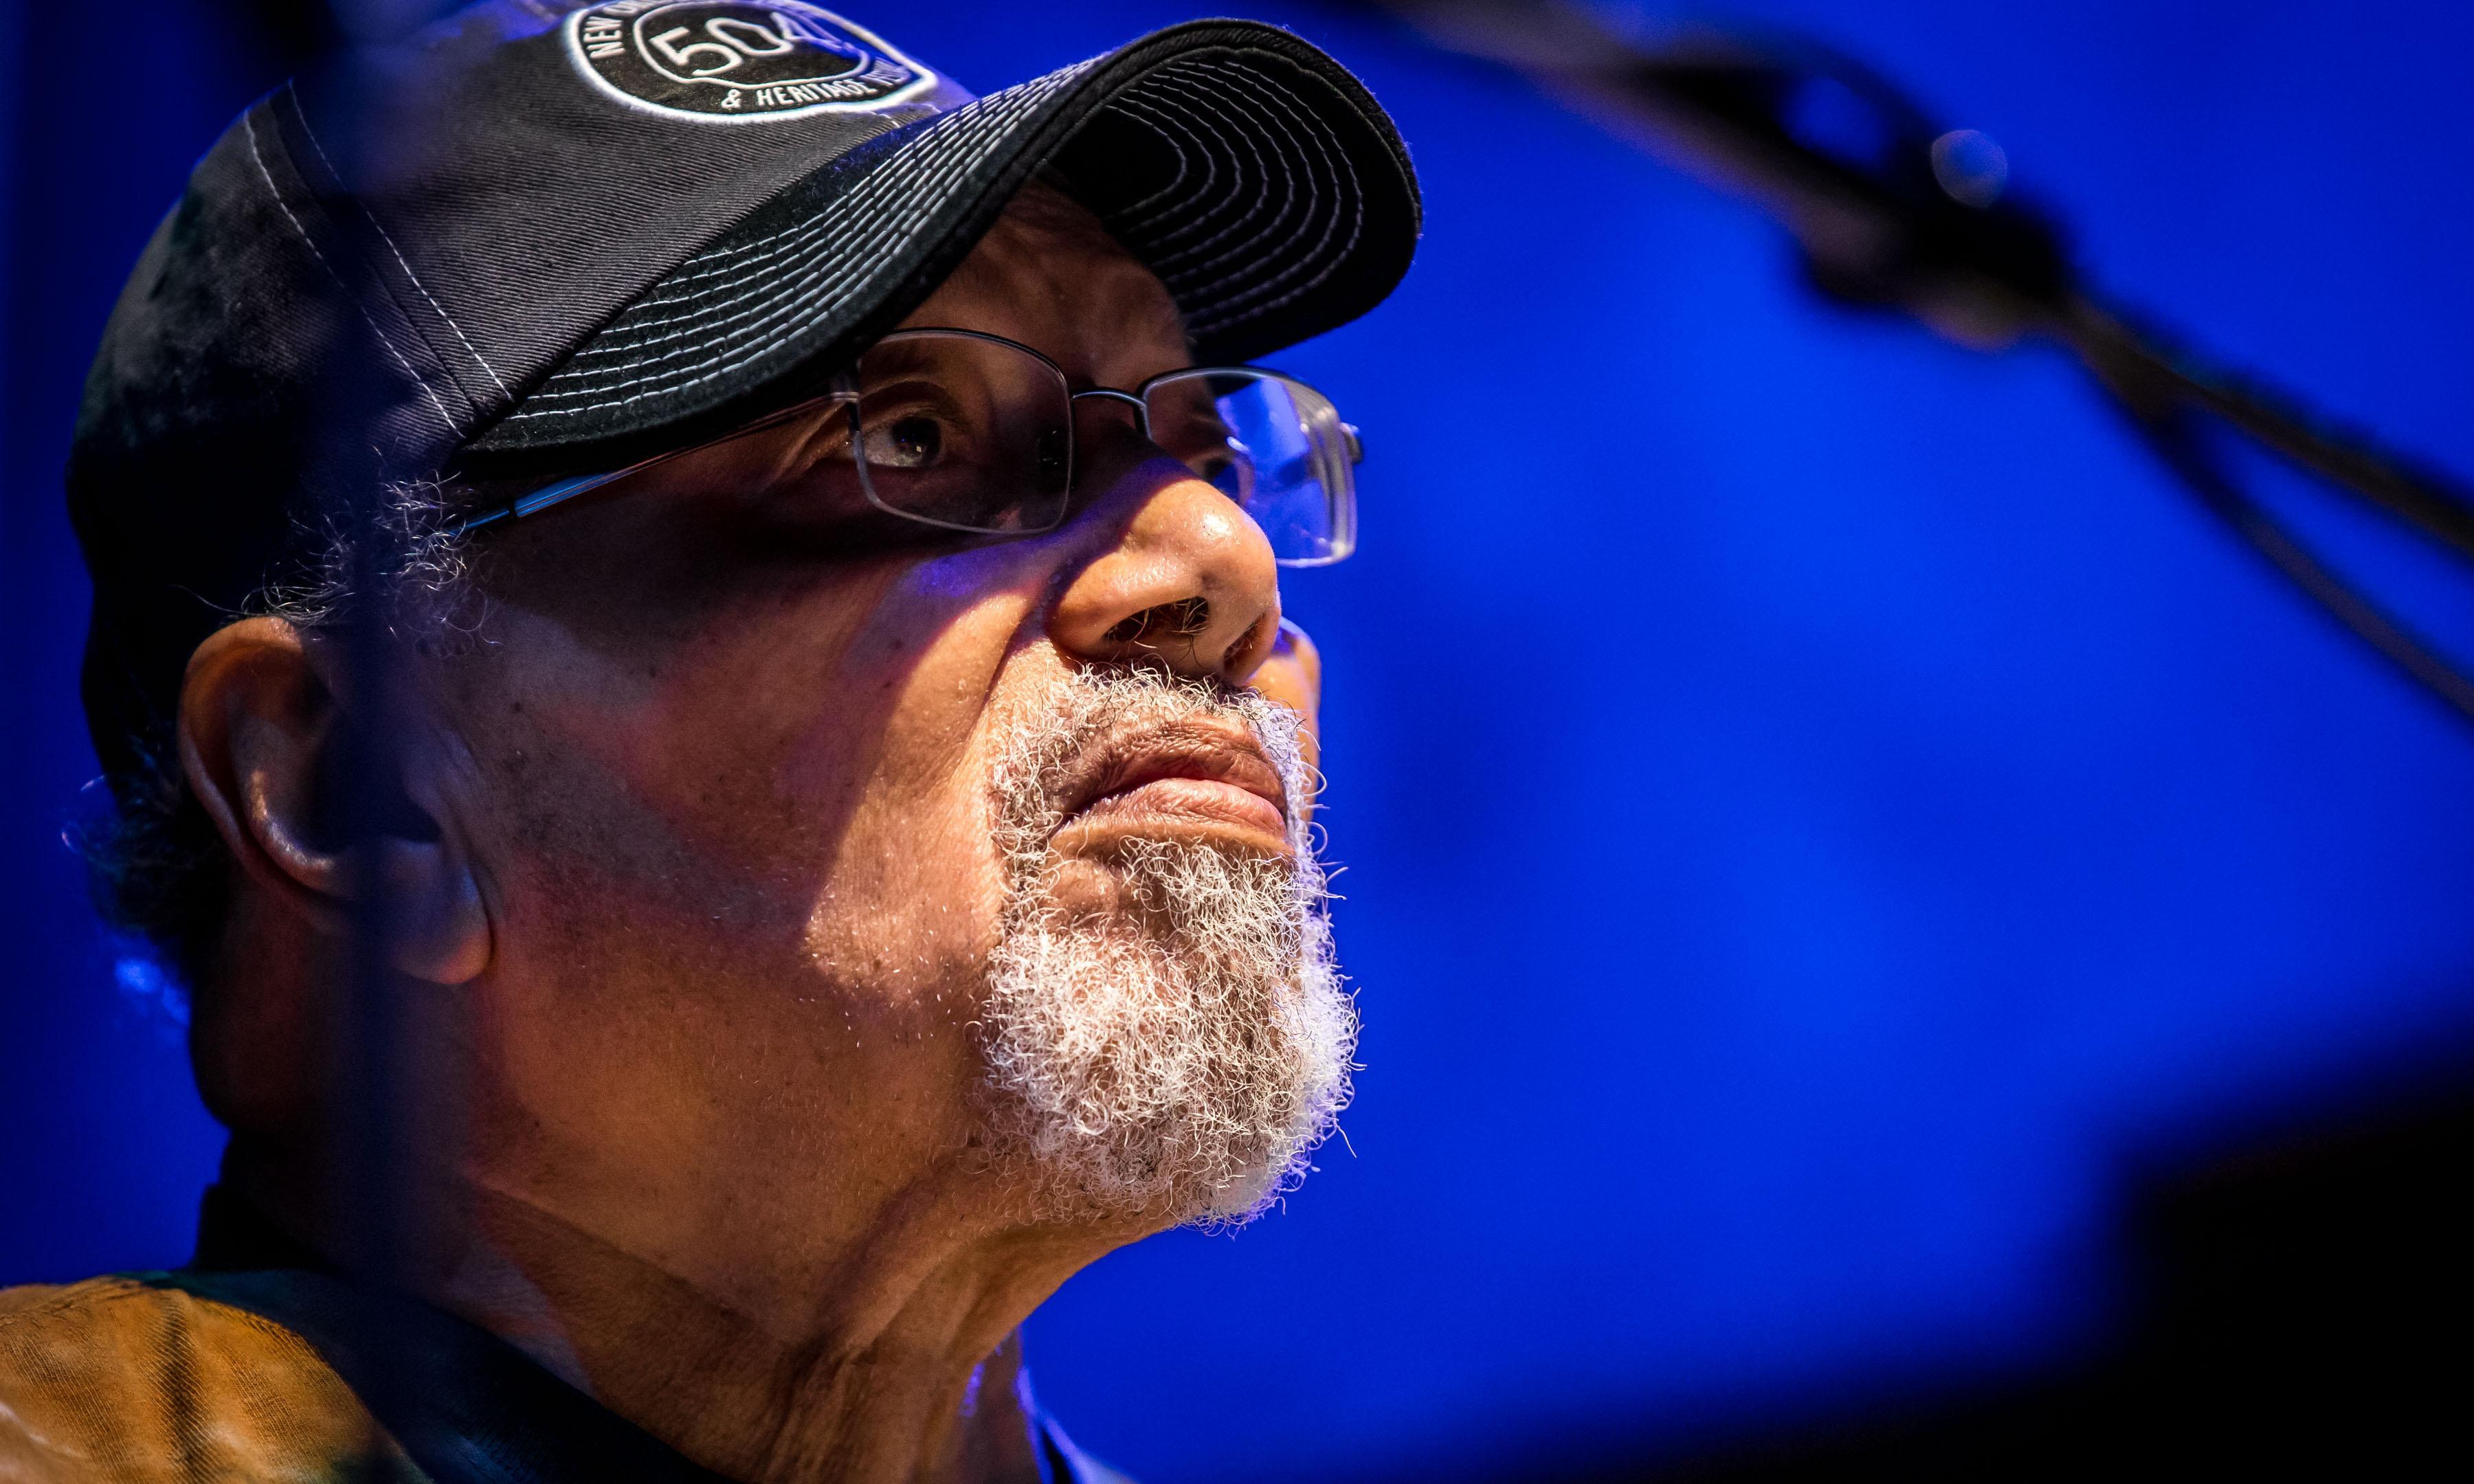 Art Neville, New Orleans funk star, dies aged 81